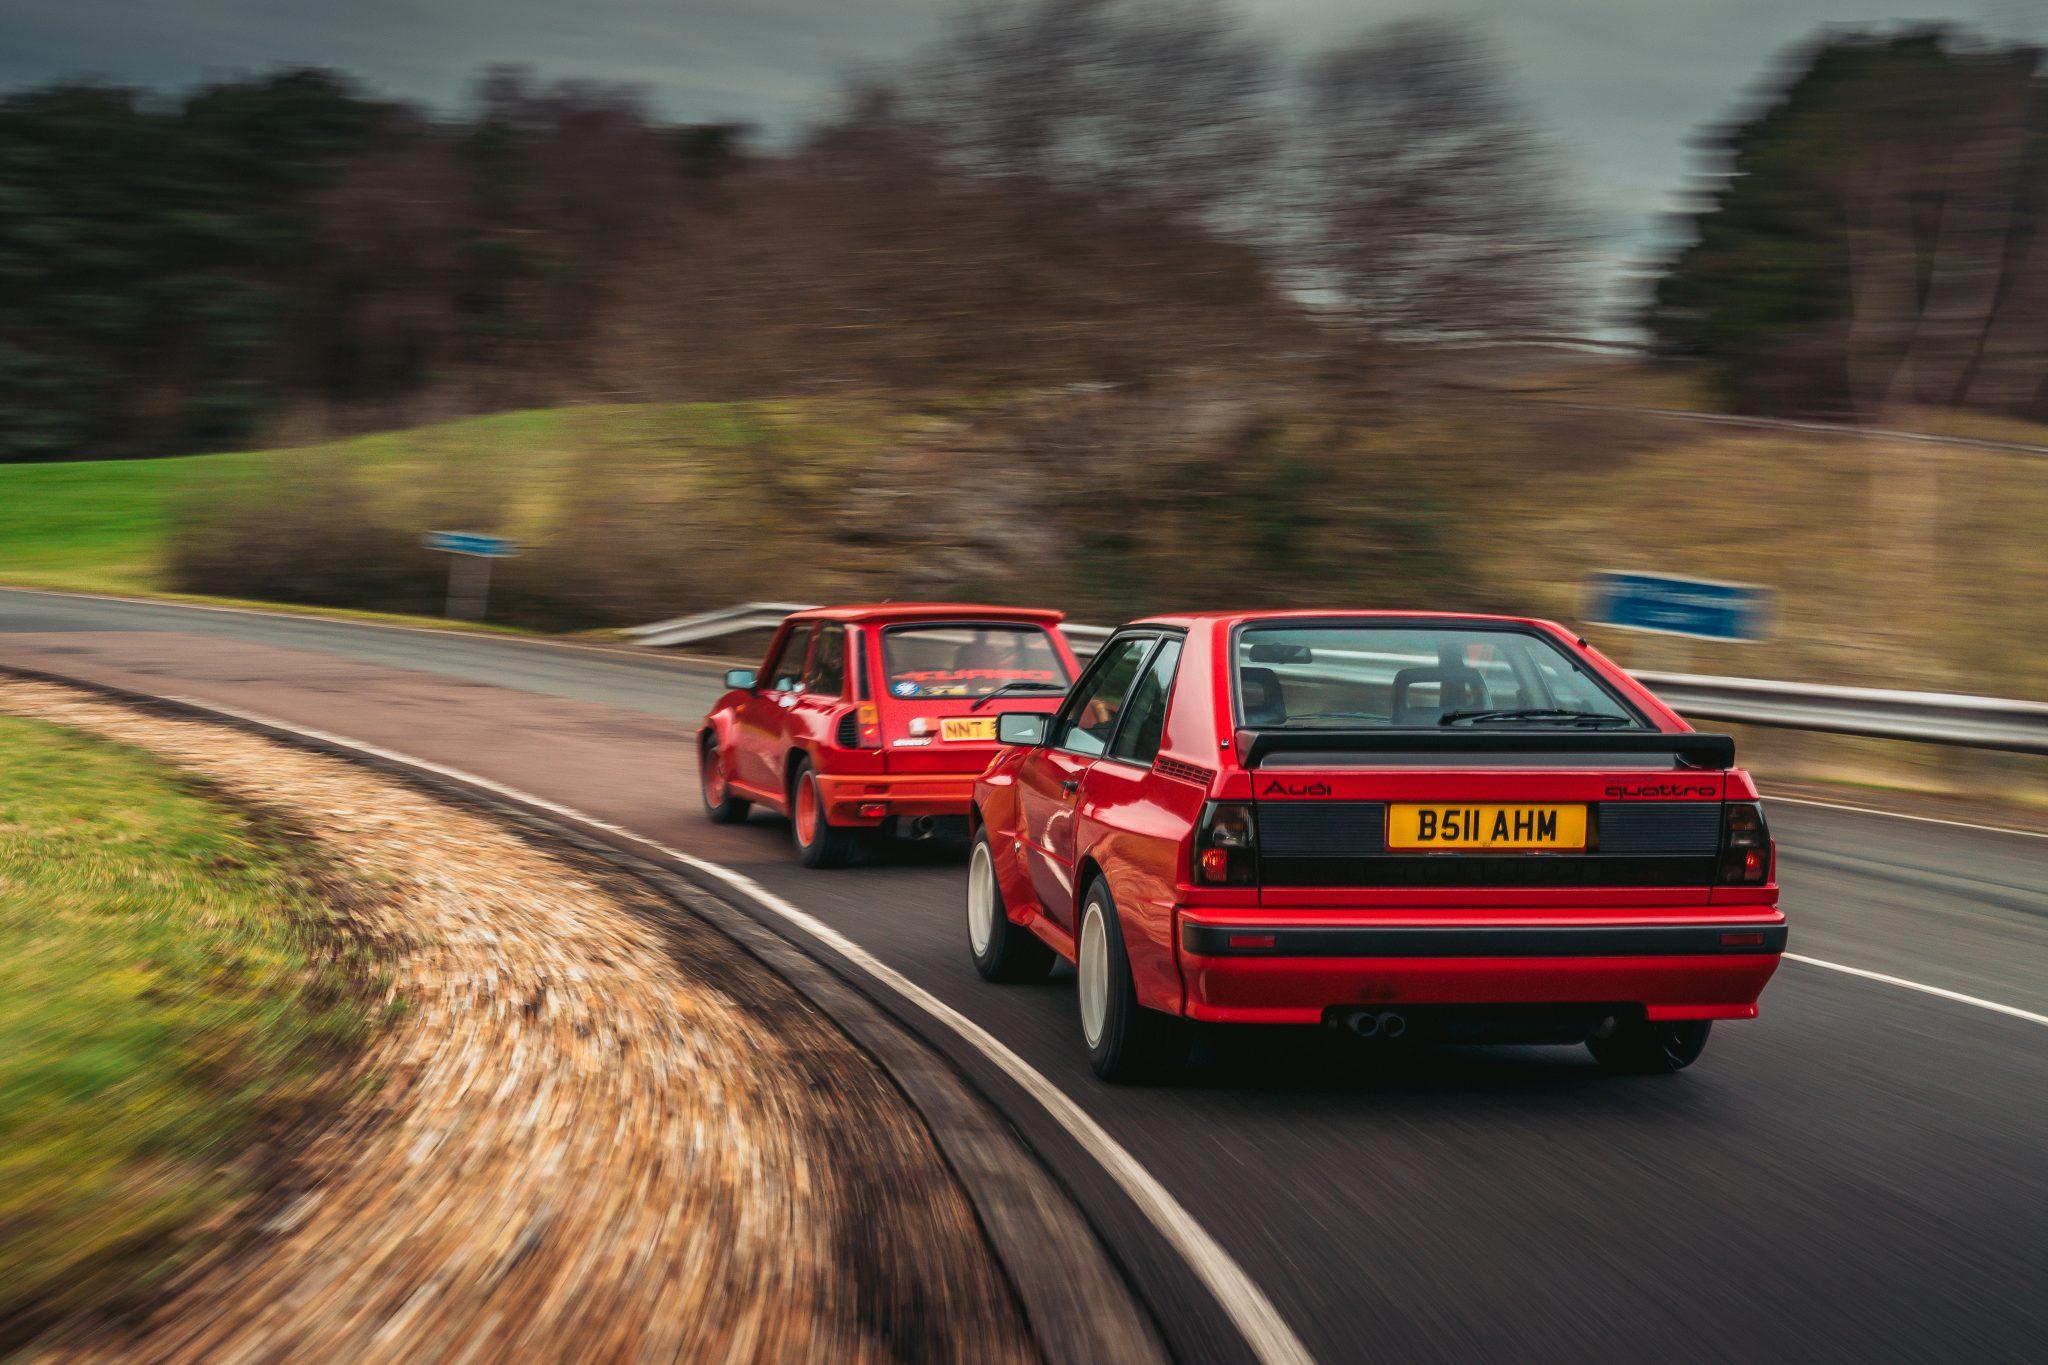 Renault 5 Turbo vs Audi Quattro